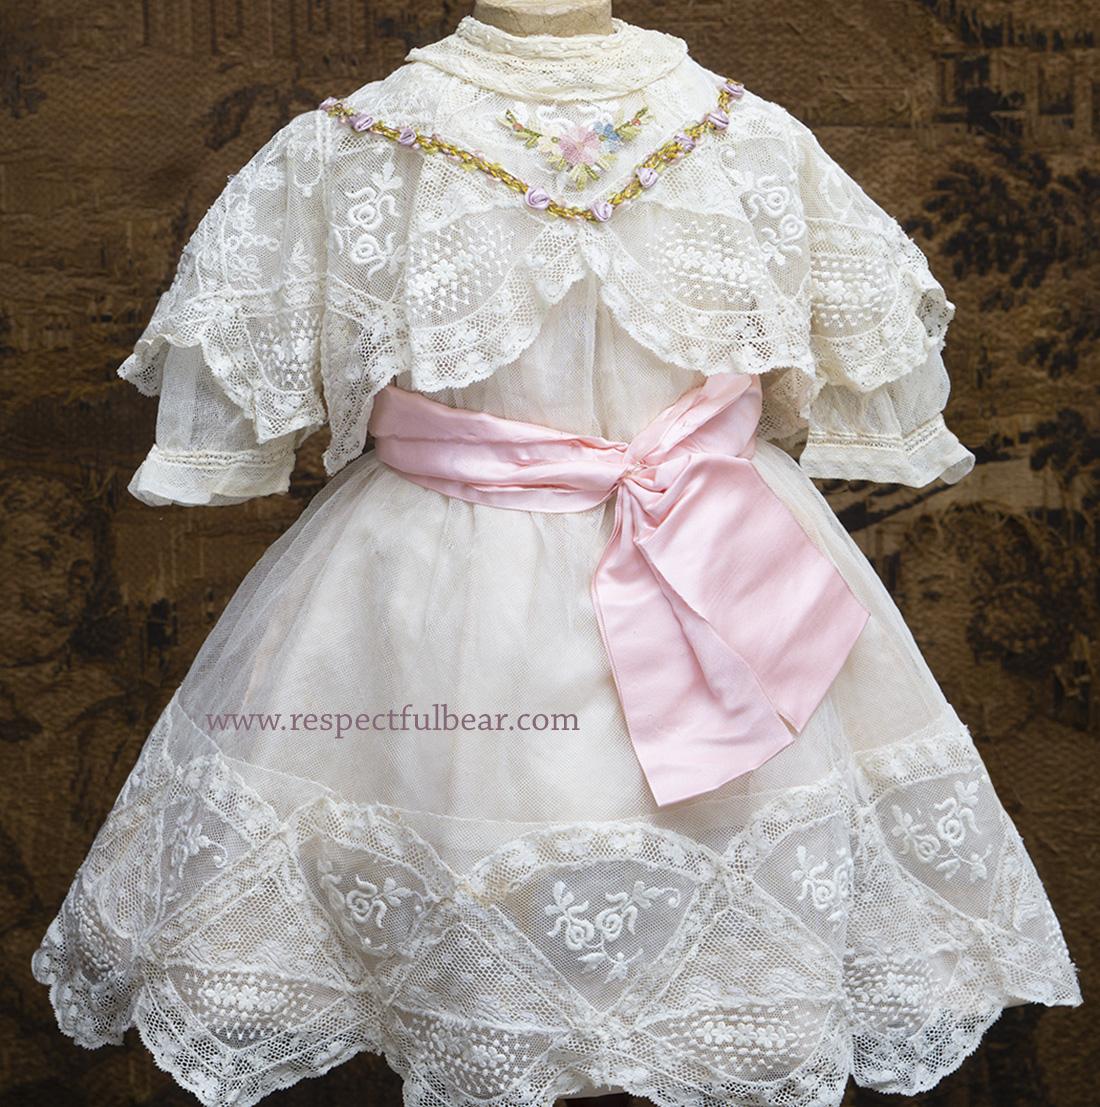 Antique tulle lace dress